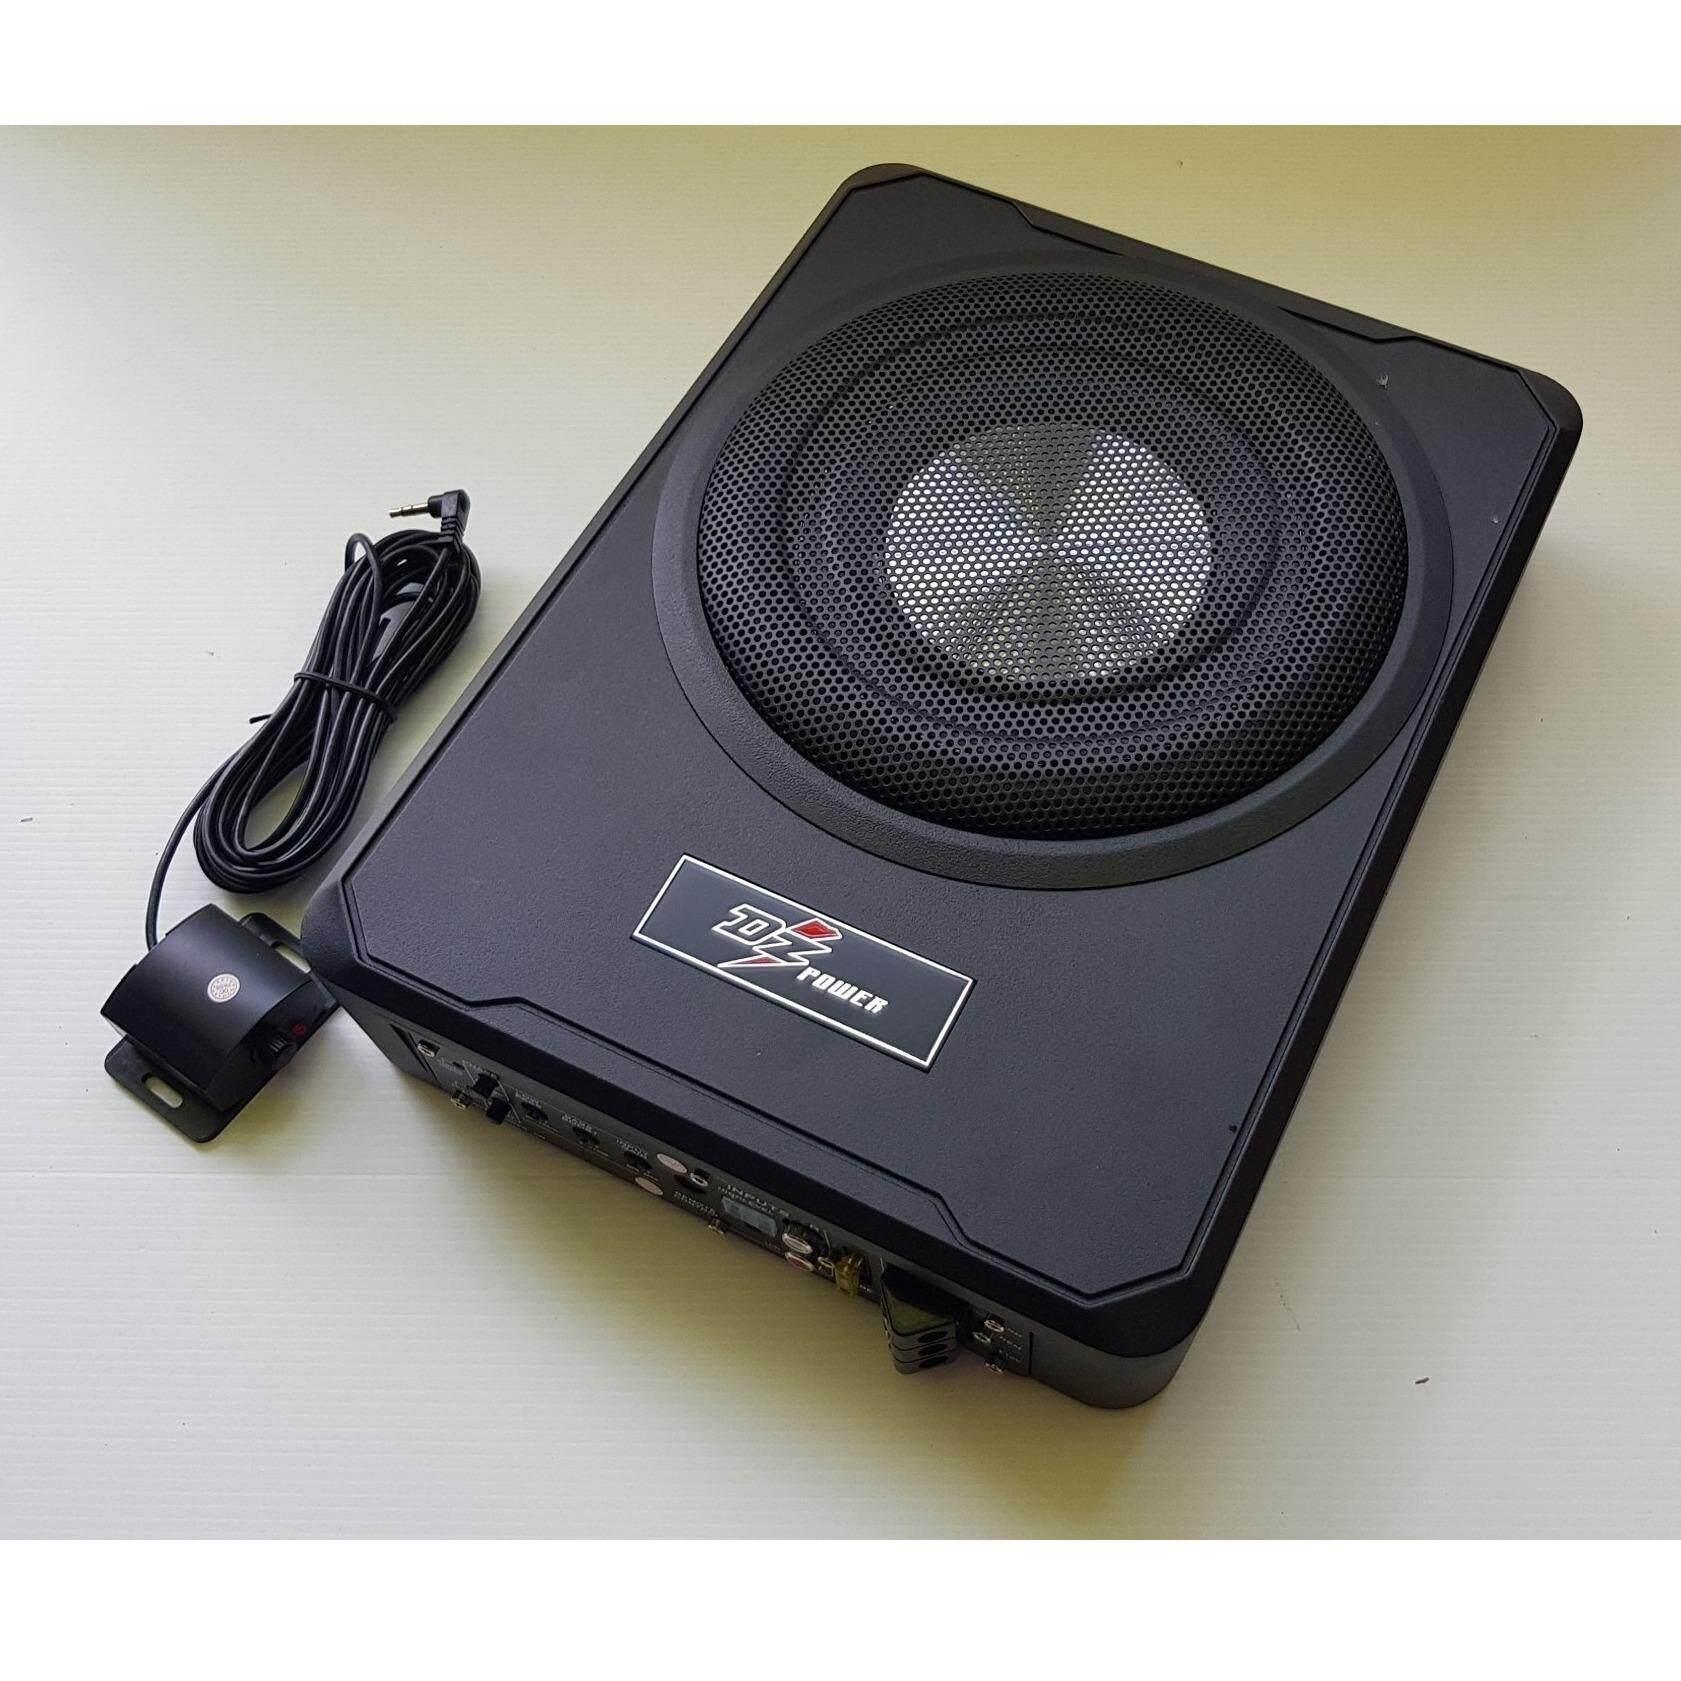 ราคา Dz Power Subbox ซัฟวูปเฟอร์ ดอกขนาด 8นิ้ว รีโหมทสายบูทเบส เบสลงลึก นุ่มลอย 150 Rms Dz Power รุ่น Dz 888 1 เครื่อง สีดำ รถวิทยุเดิมใช้ได้ มีช่อง Hi To Low ในตัว เป็นต้นฉบับ